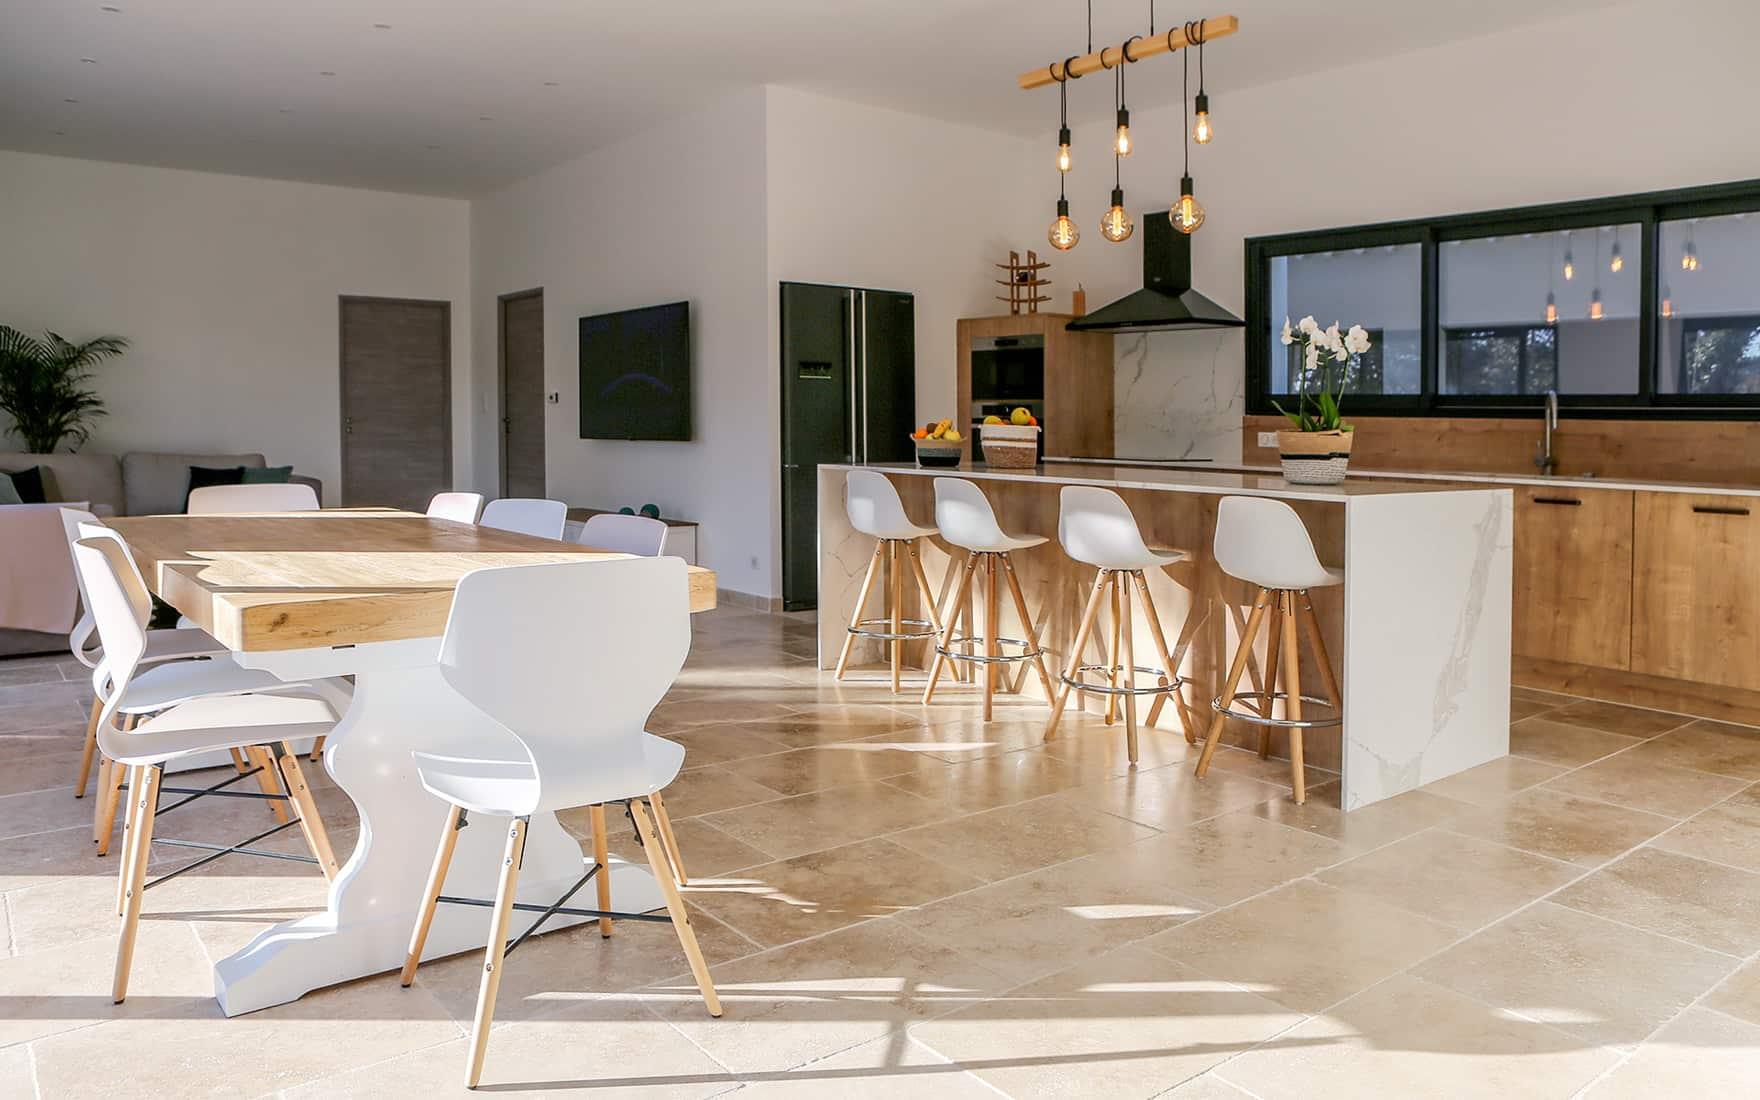 Projet de l'Atelier de Léa : cuisine contemporaine sur-mesure, avec façades en bois et plans de travail en marbre.